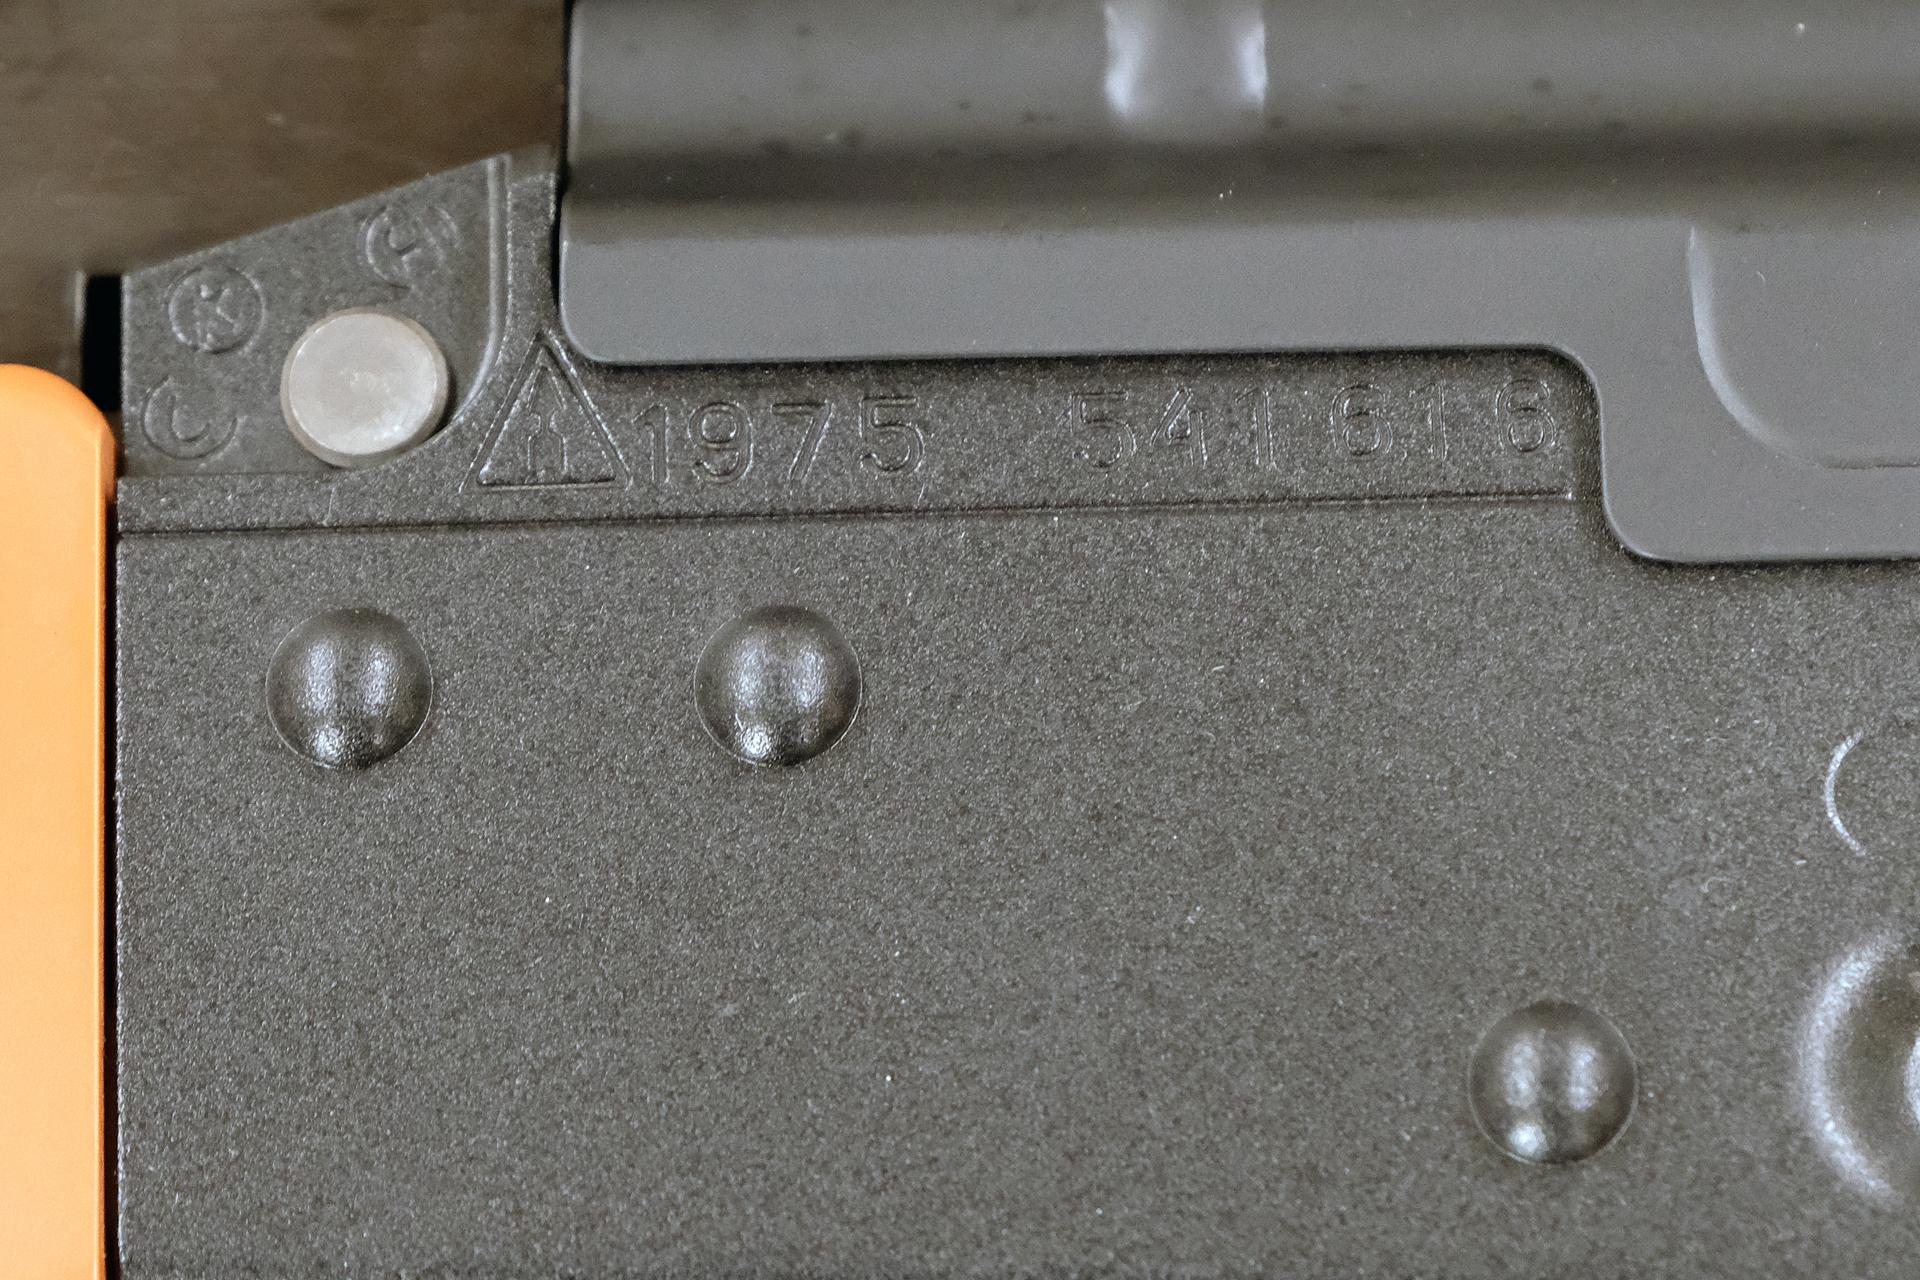 刻印。三角形に矢印は旧ソ連「ツァーラ造兵廠刻印」。4桁の数字は1975年製造である事を表している